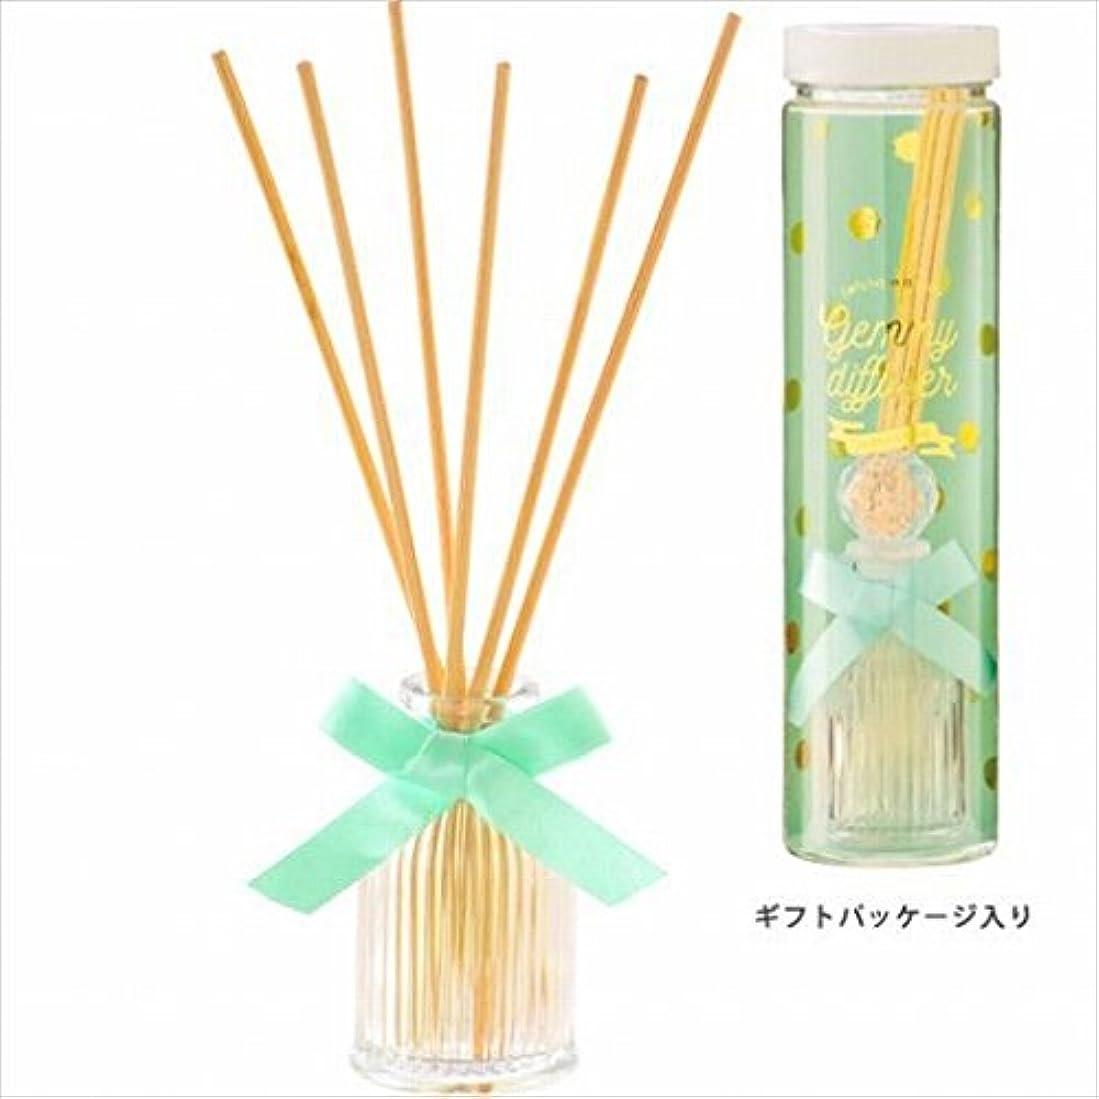 クリーム復活バスケットボールkameyama candle(カメヤマキャンドル) GEMMY (ジェミー) ディフューザー 「 タイム 」6個セット(E3280510)